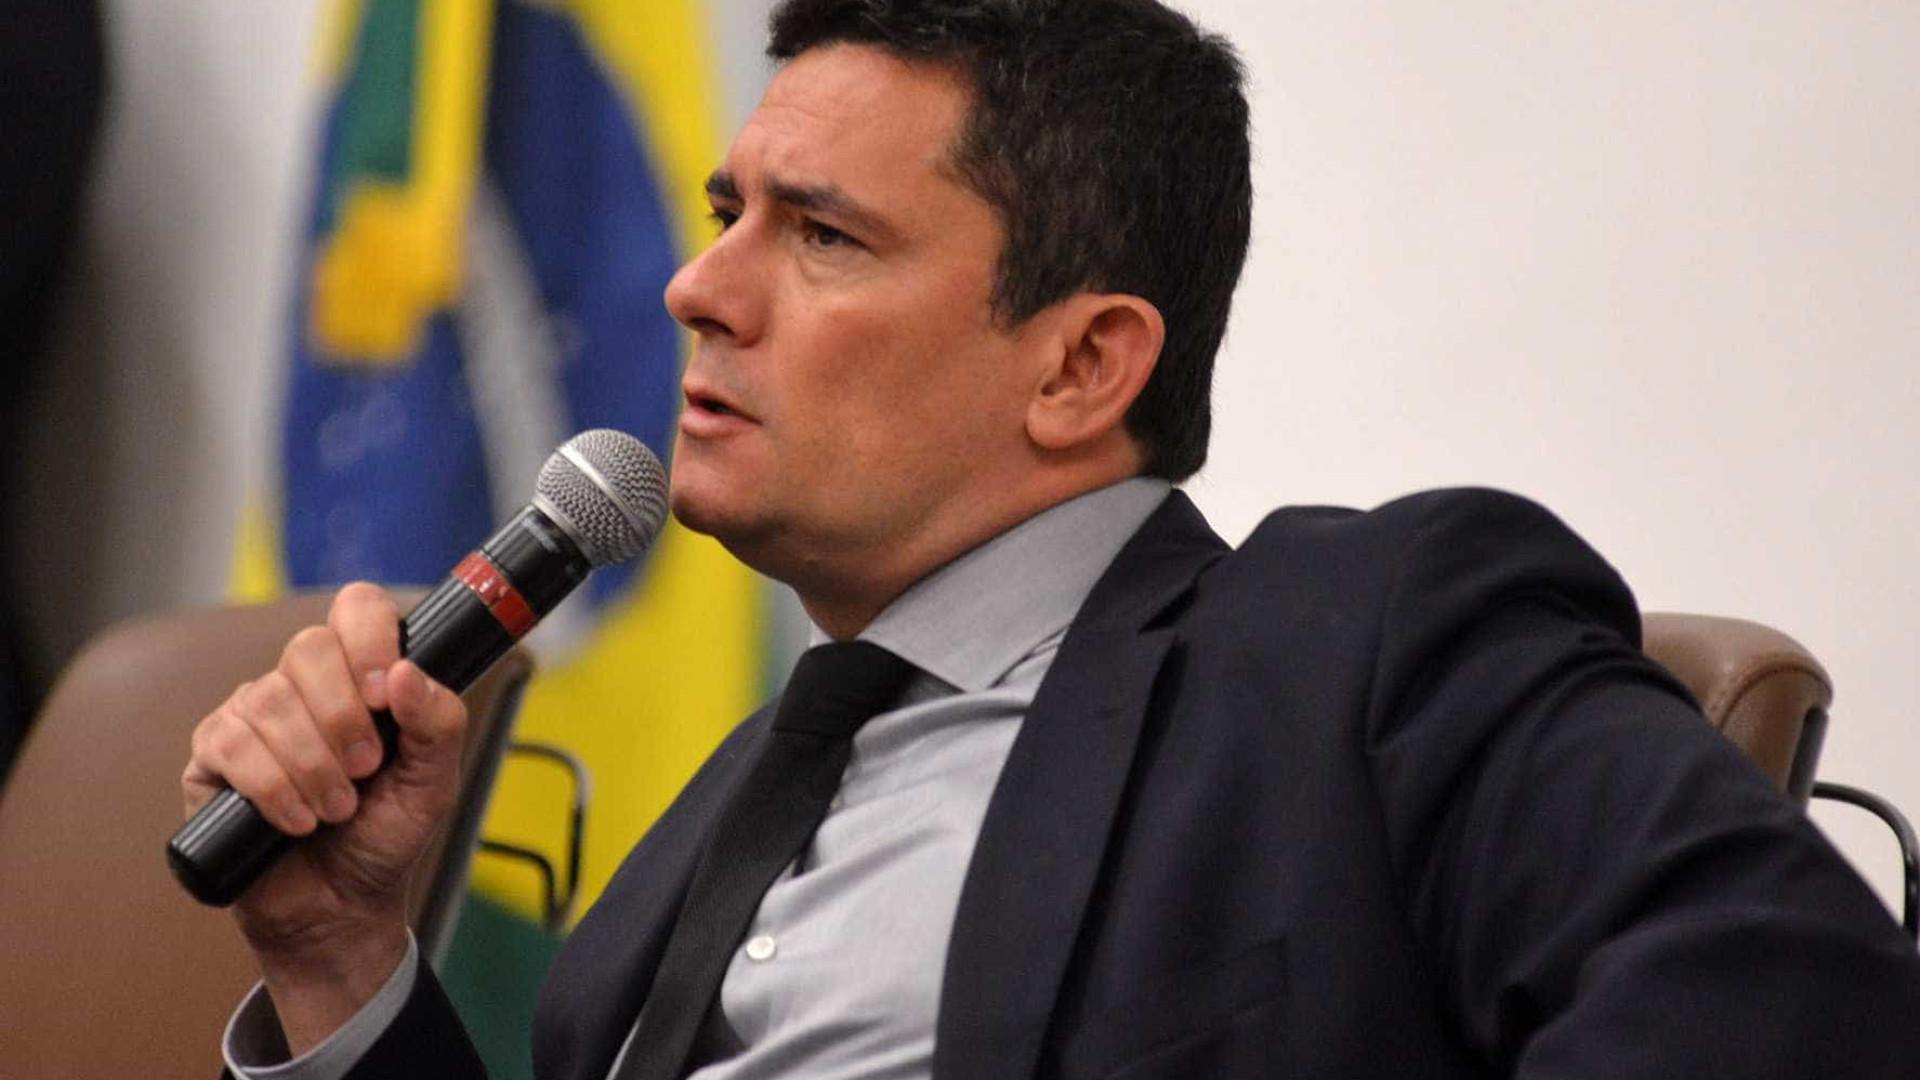 Denúncia contra ministro será apurada caso haja necessidade, diz Moro